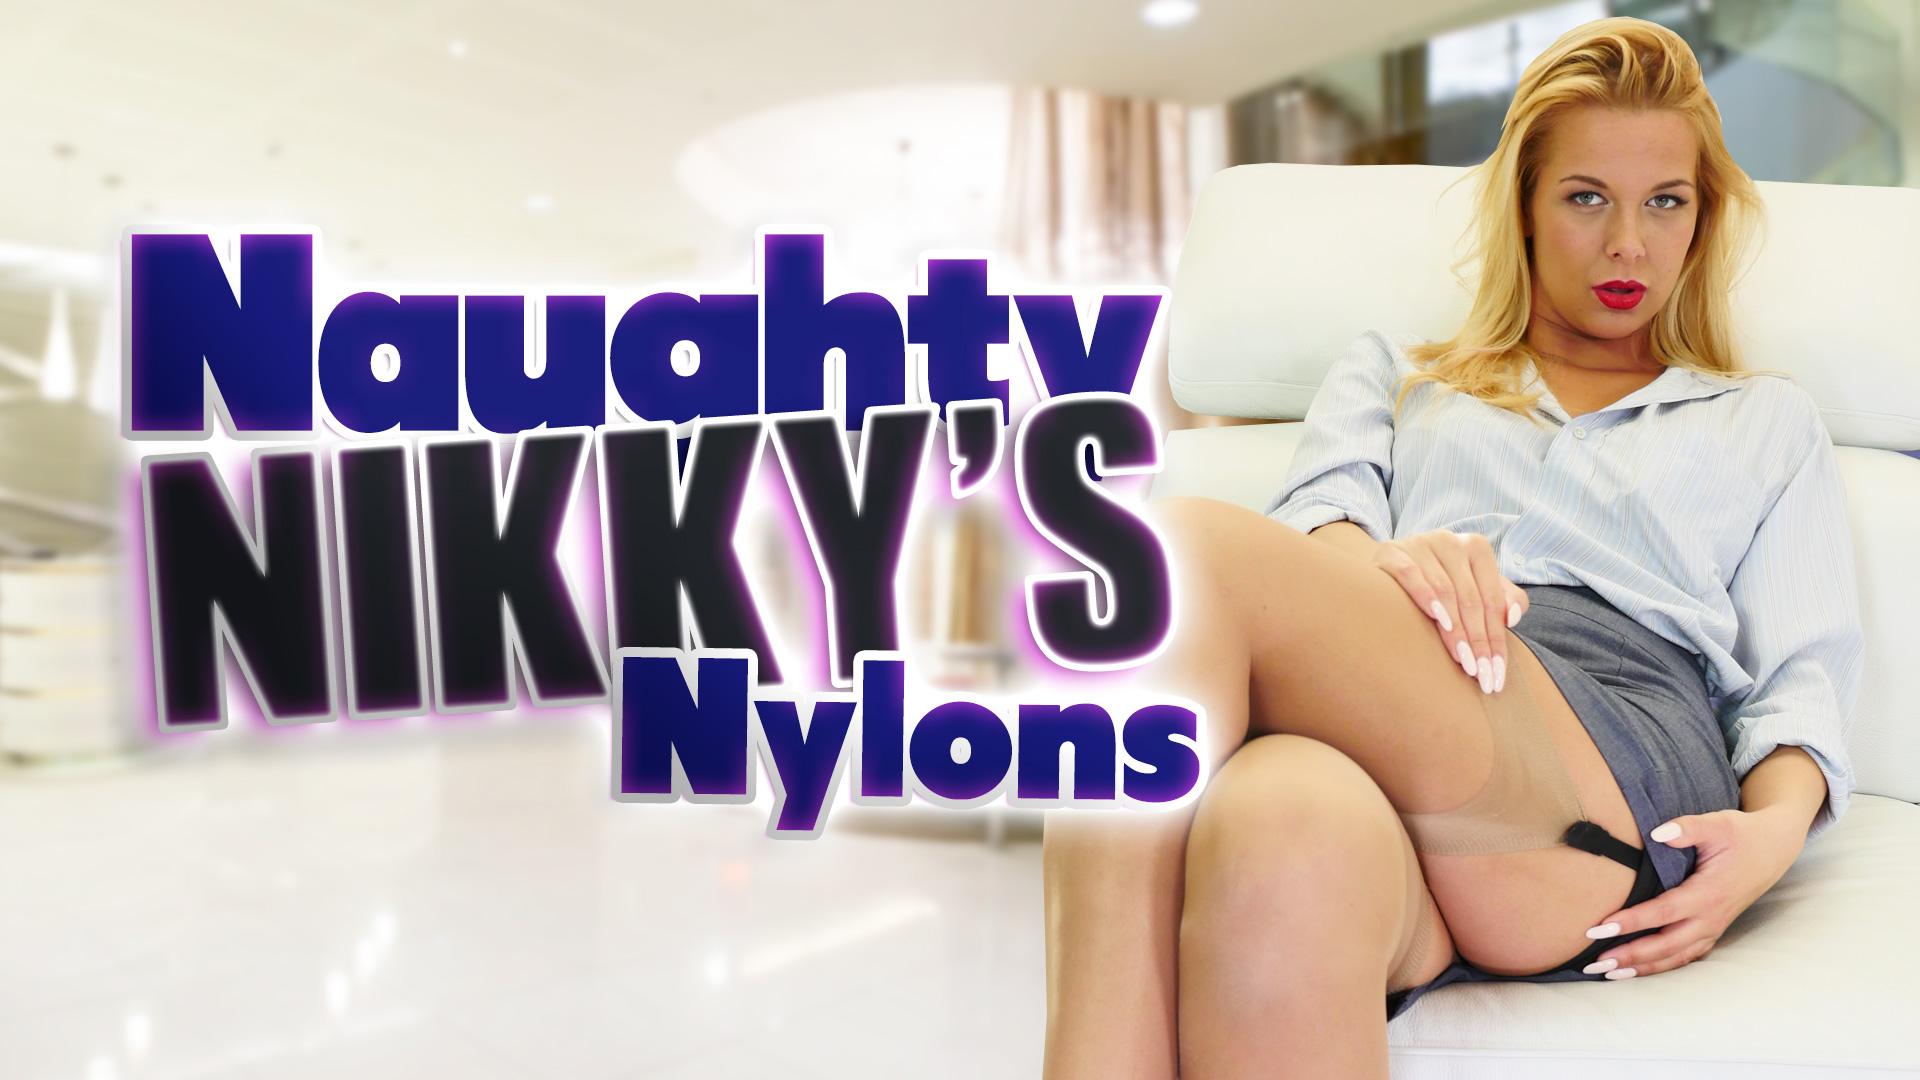 Naughty Nikky's Nylons Nikky Dream